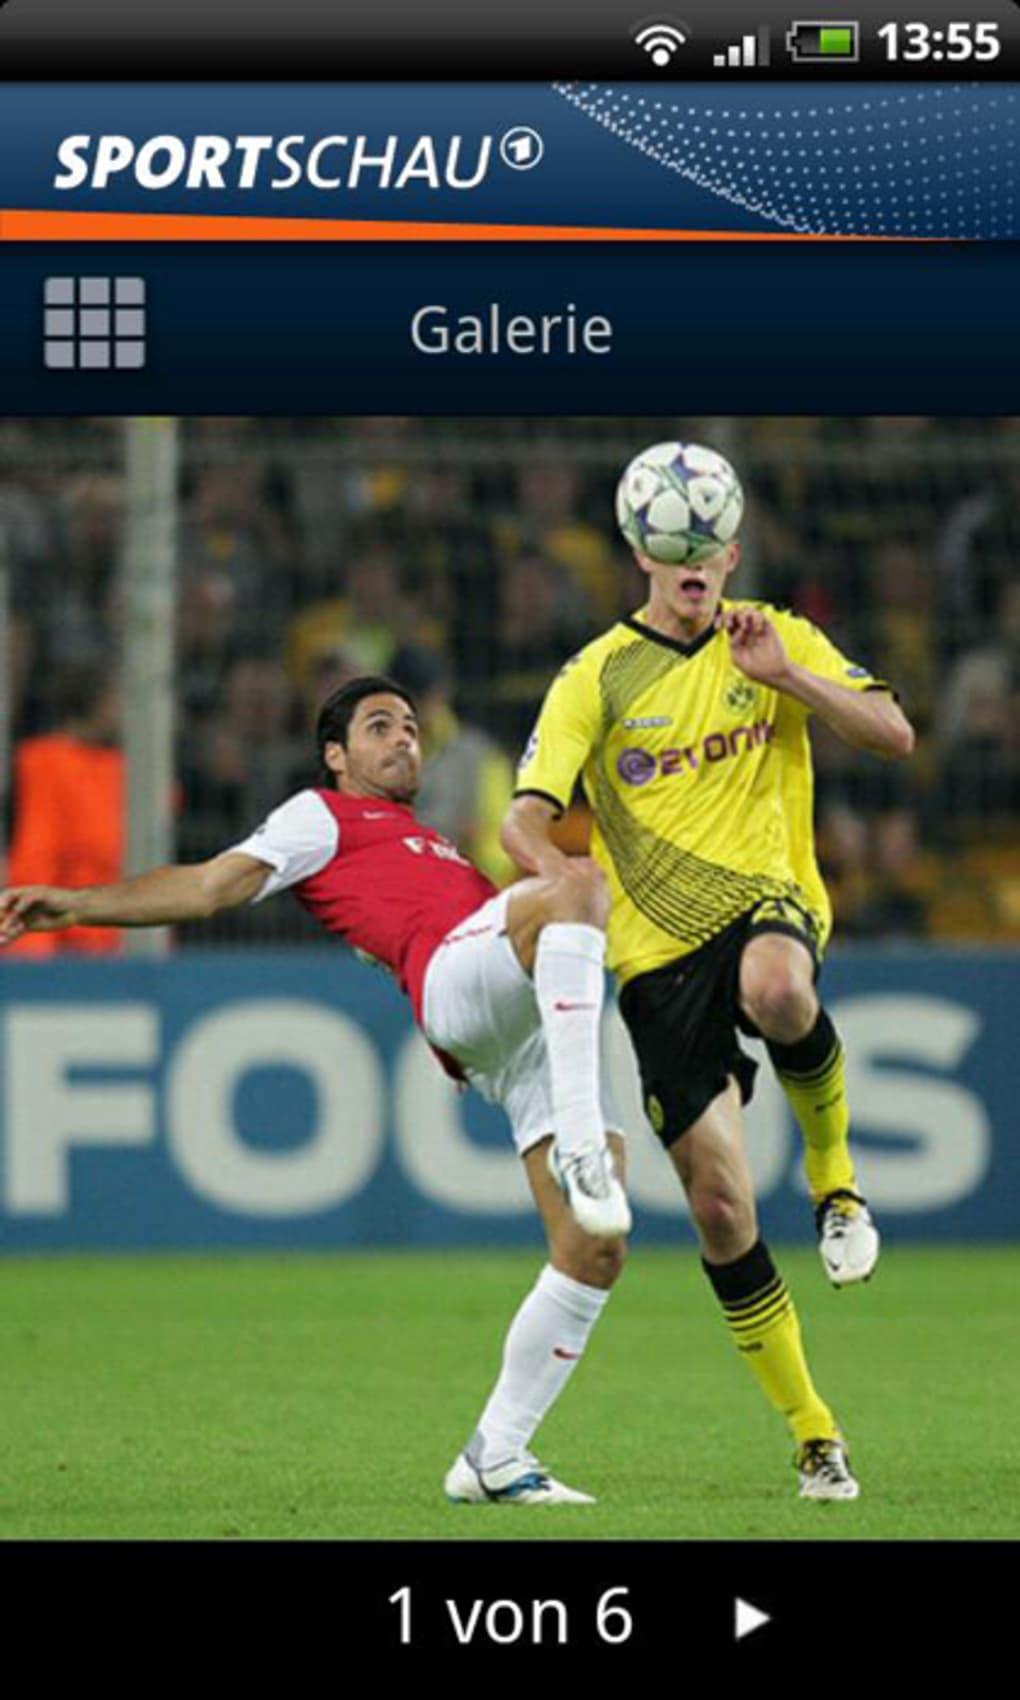 Sportschau Online